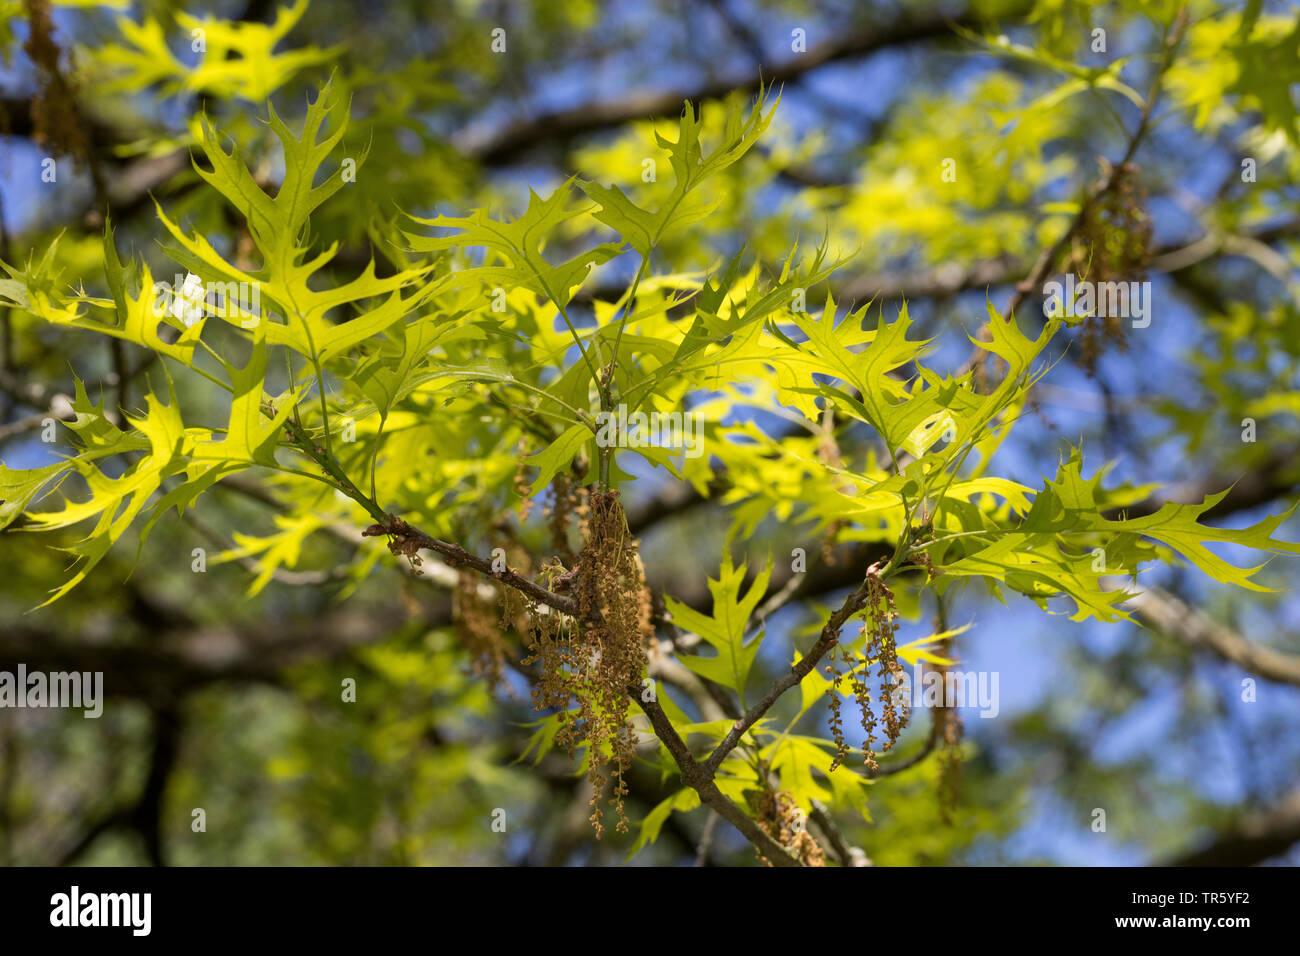 Sumpf-Eiche, Sumpfeiche, Boulevard-Eiche, Boulevardeiche, Nagel-Eiche, Nageleiche (Quercus palustris), bluehender Zweig mit frisch ausgetriebenen Blae Stock Photo